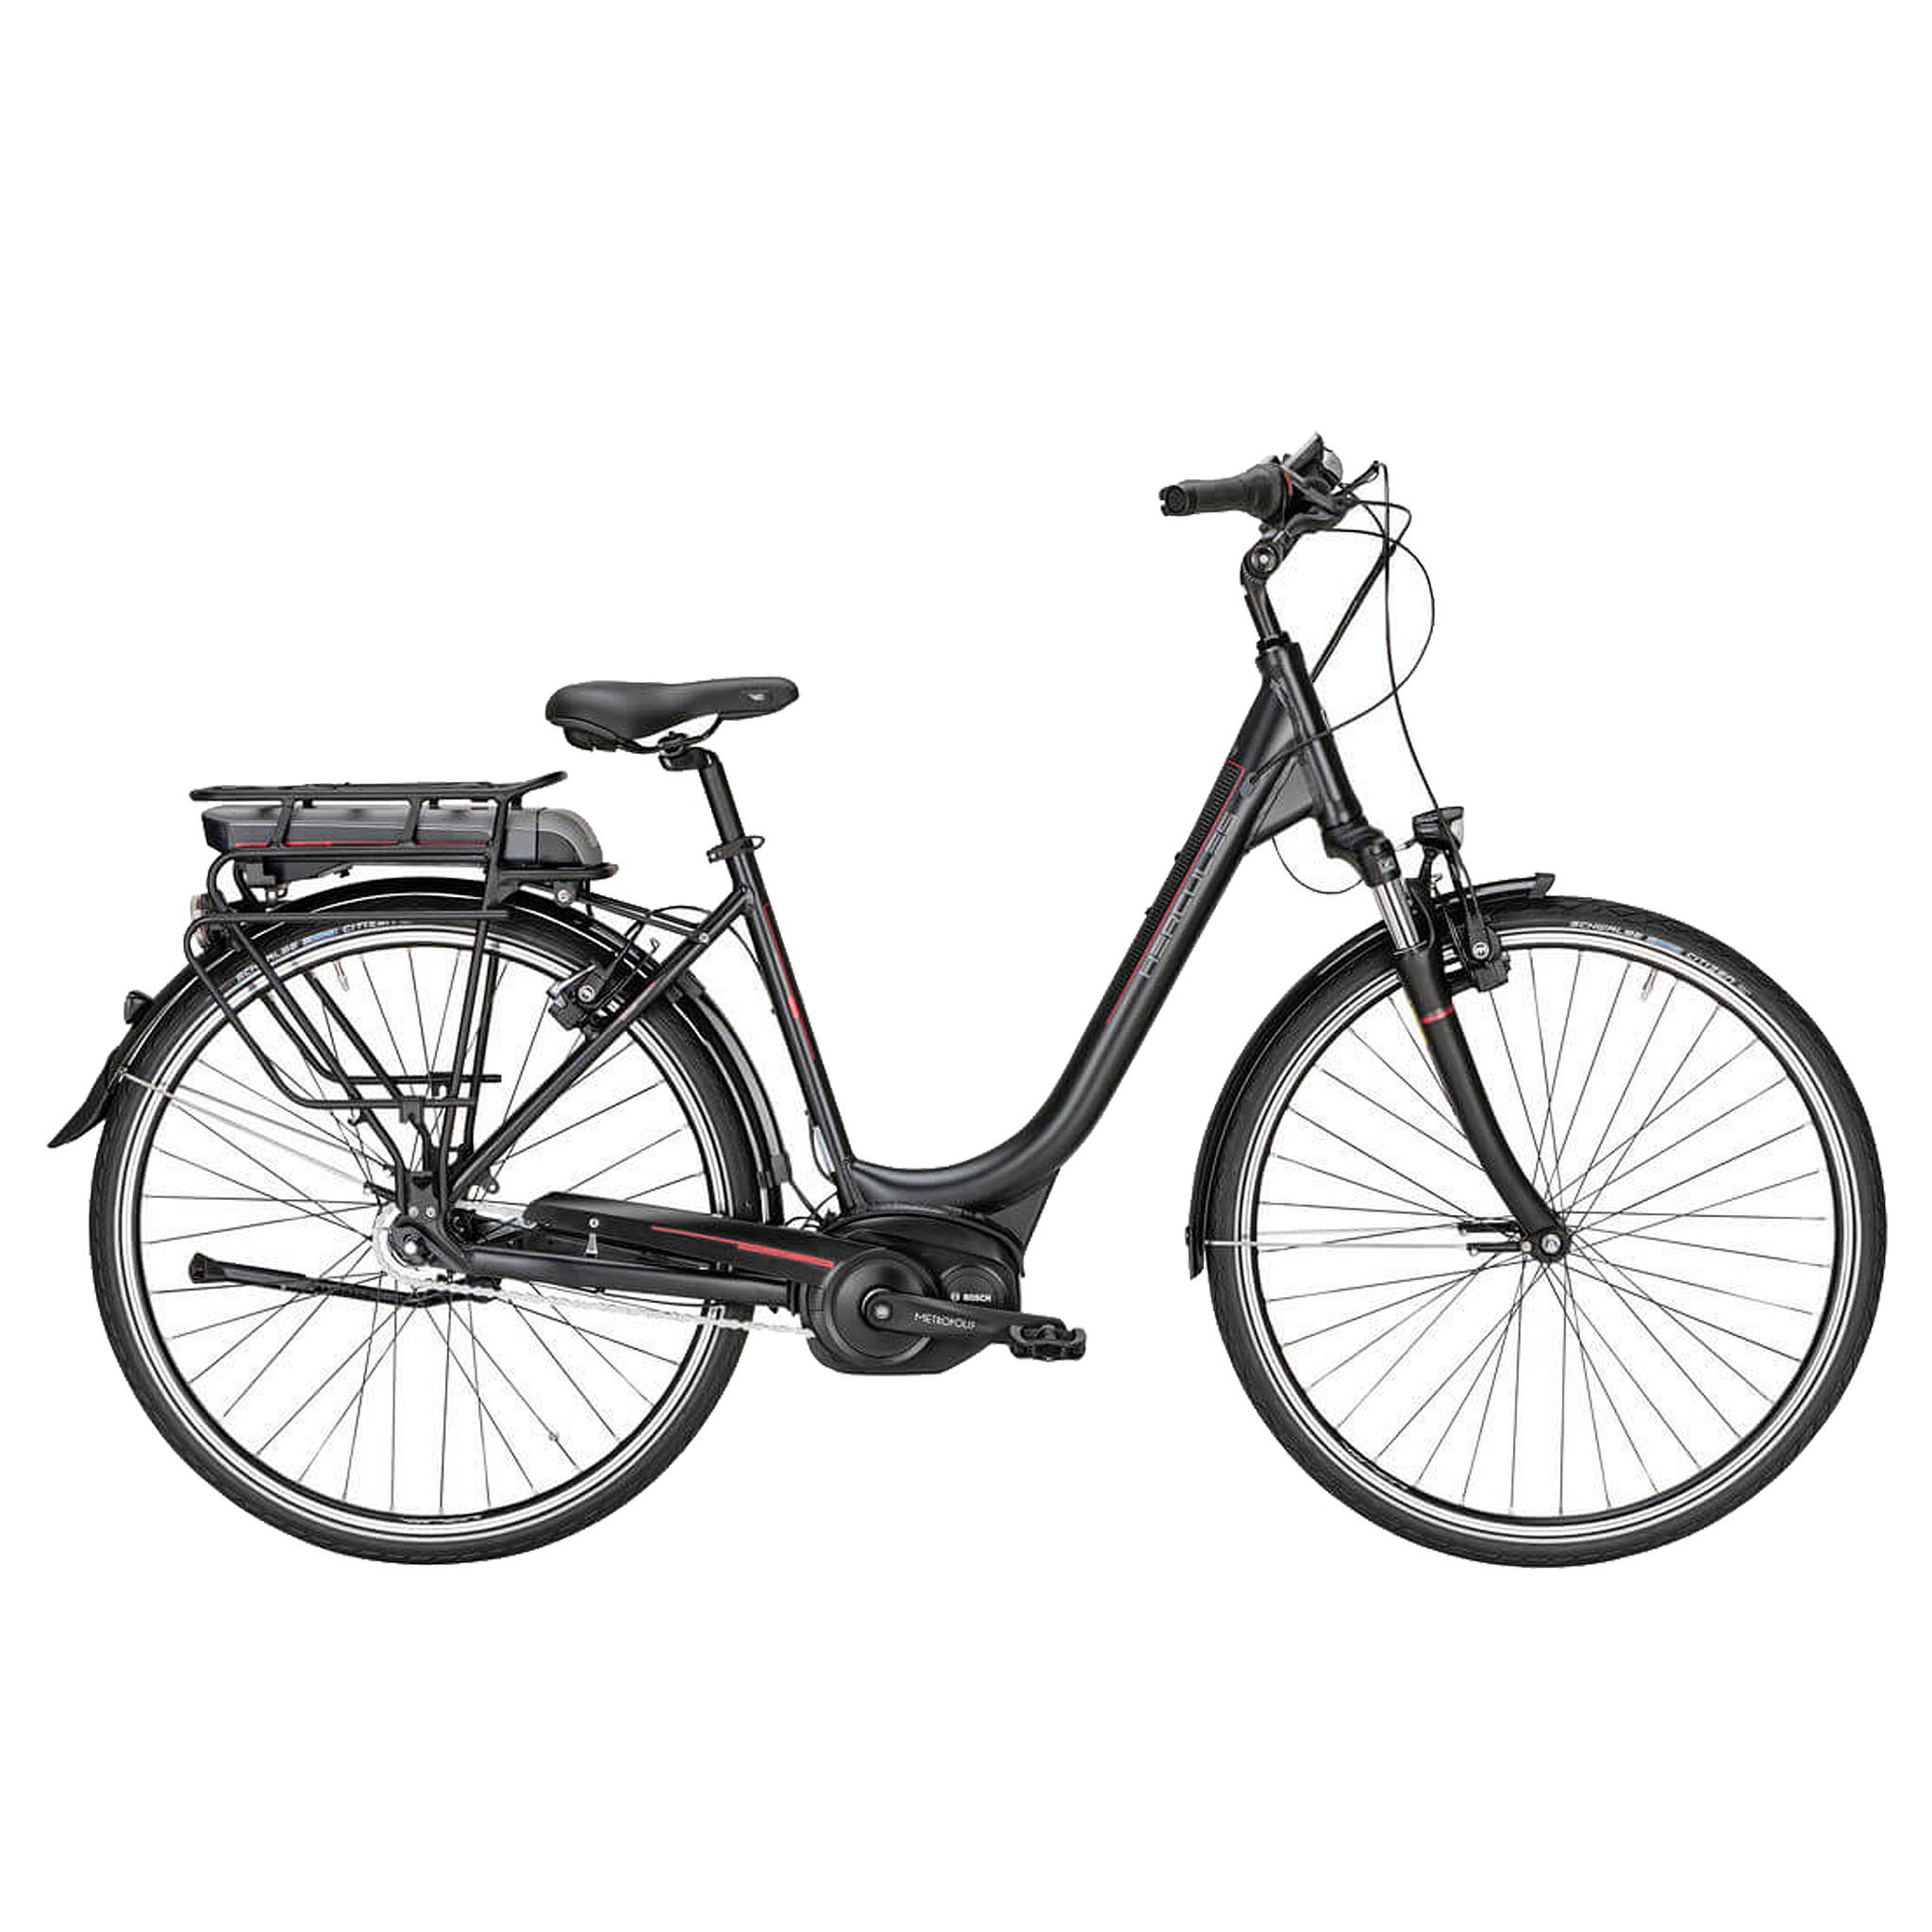 Hercules Elektrische fiets Roberta F7 dames mat zwart 54cm 288 Watt Zwart